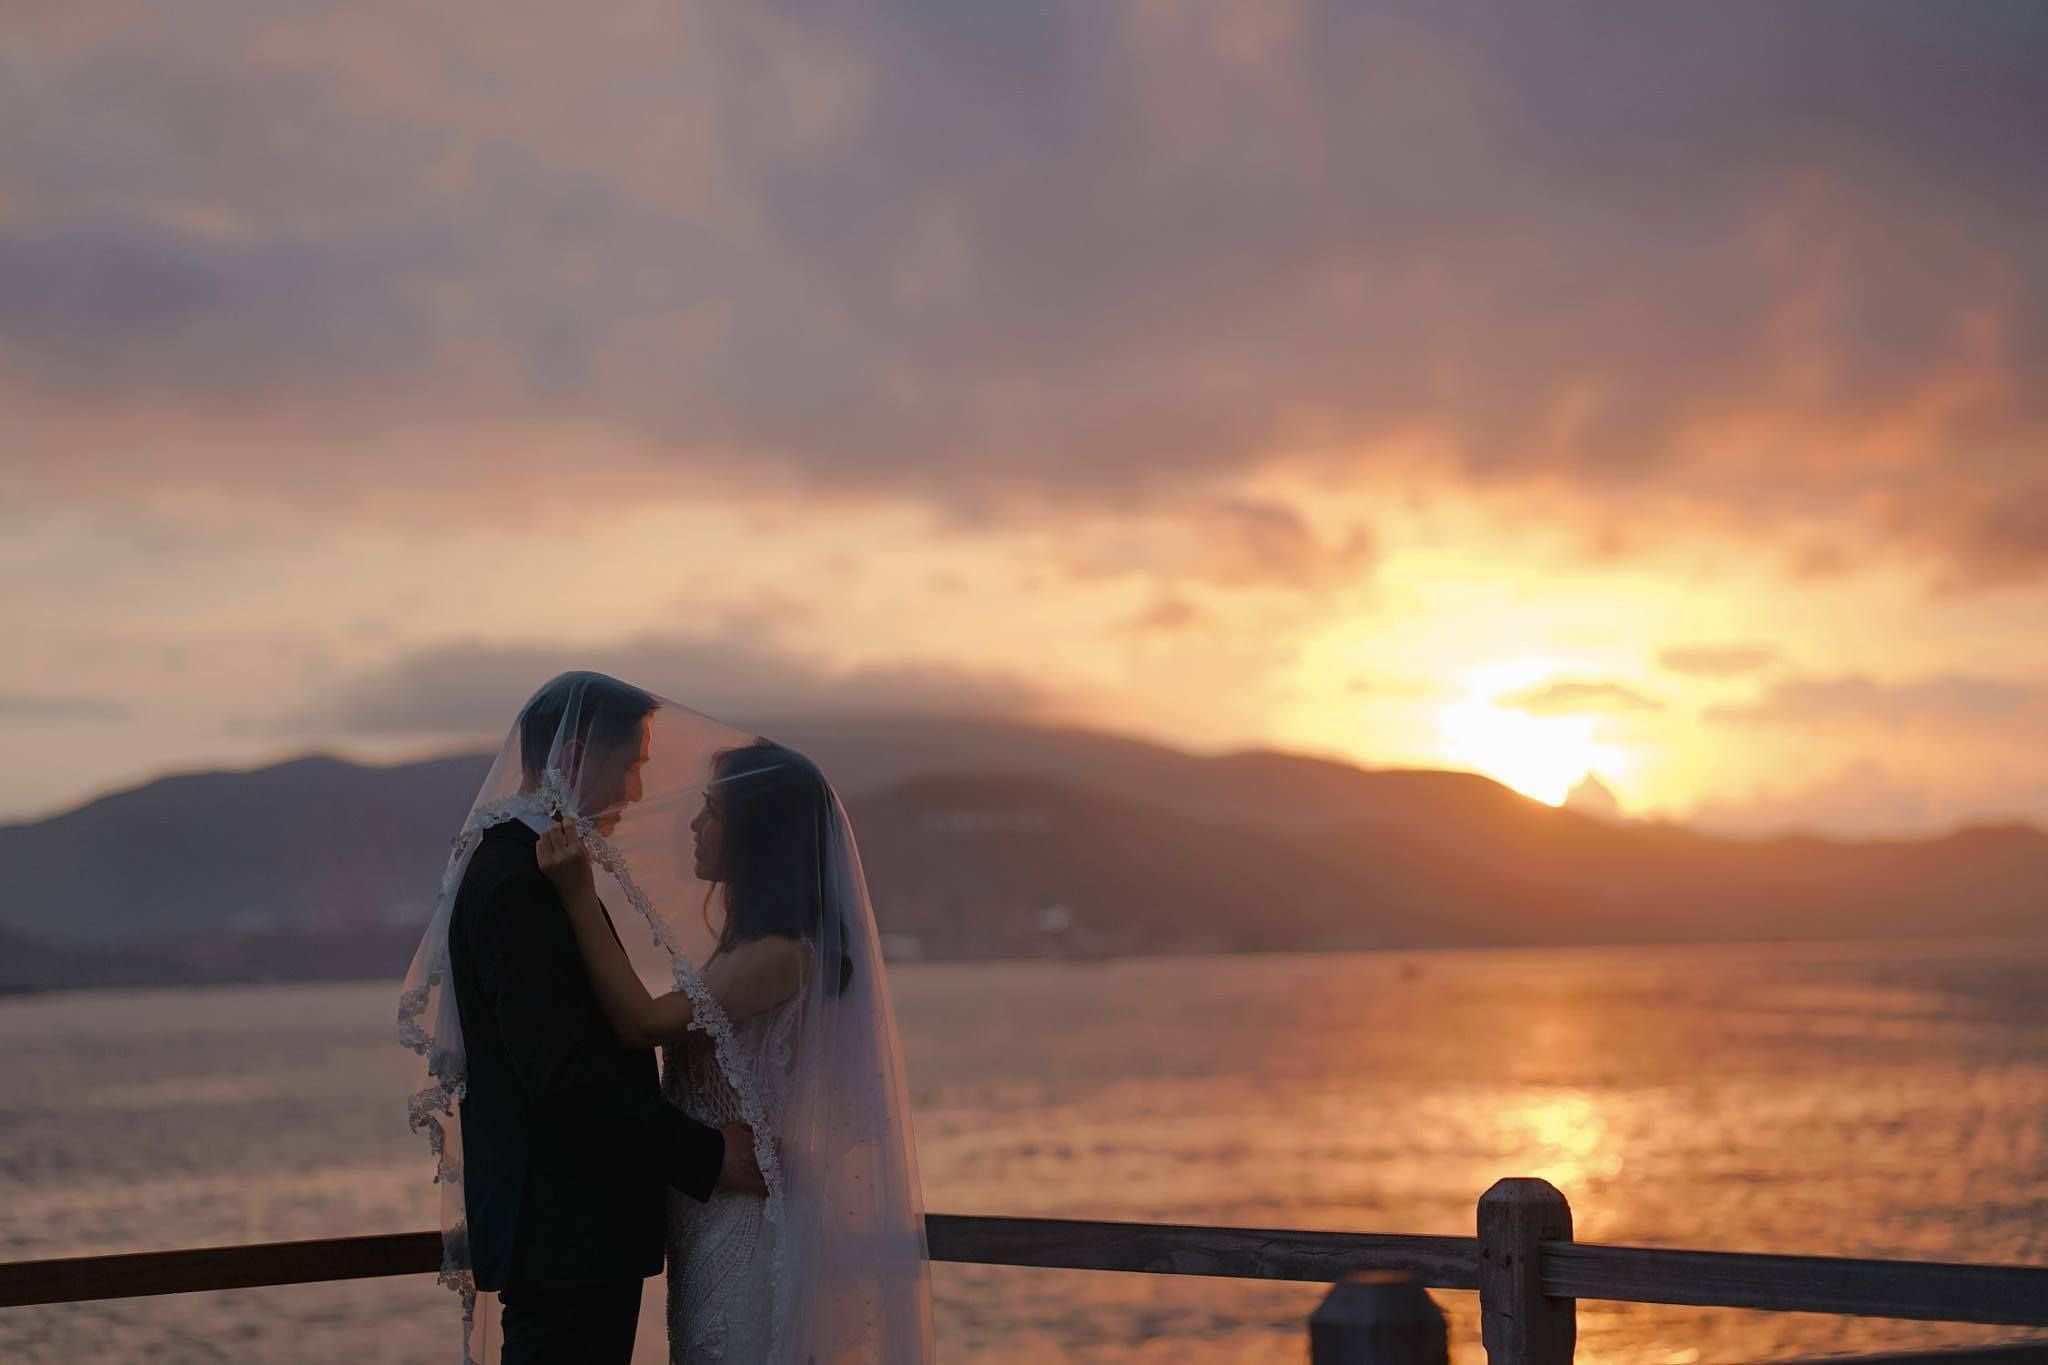 Chụp ảnh cưới lúc bình minh cho cặp đôi trẻ cực kỳ ấn tượng!